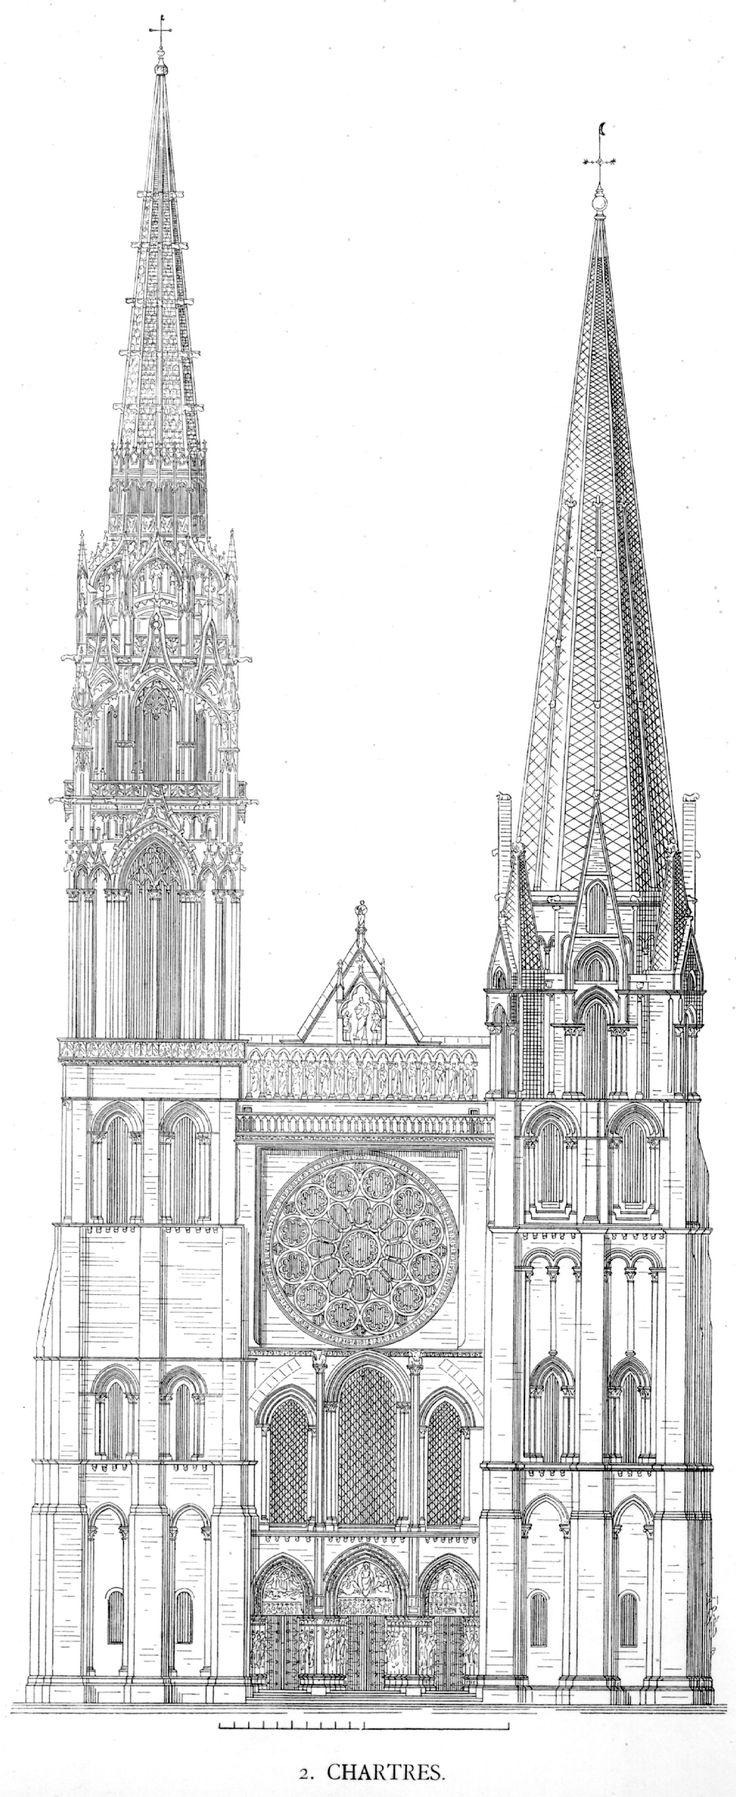 Chartres Cathedral. A arte gótica, foi um período com quase quatro séculos de duração, e ela não constituiu um fenômeno unívoco, mas se expressou em várias manifestações. A arquitetura teve um grande destaque neste período, segundo pesquisas, é a evolução da arquitetura românica. A arquitetura gótica, ficou conhecida por ser encontrada com mais frequência nas grandes catedrais e em outros estabelecimentos eclesiásticos, exercendo grande influência na Europa.